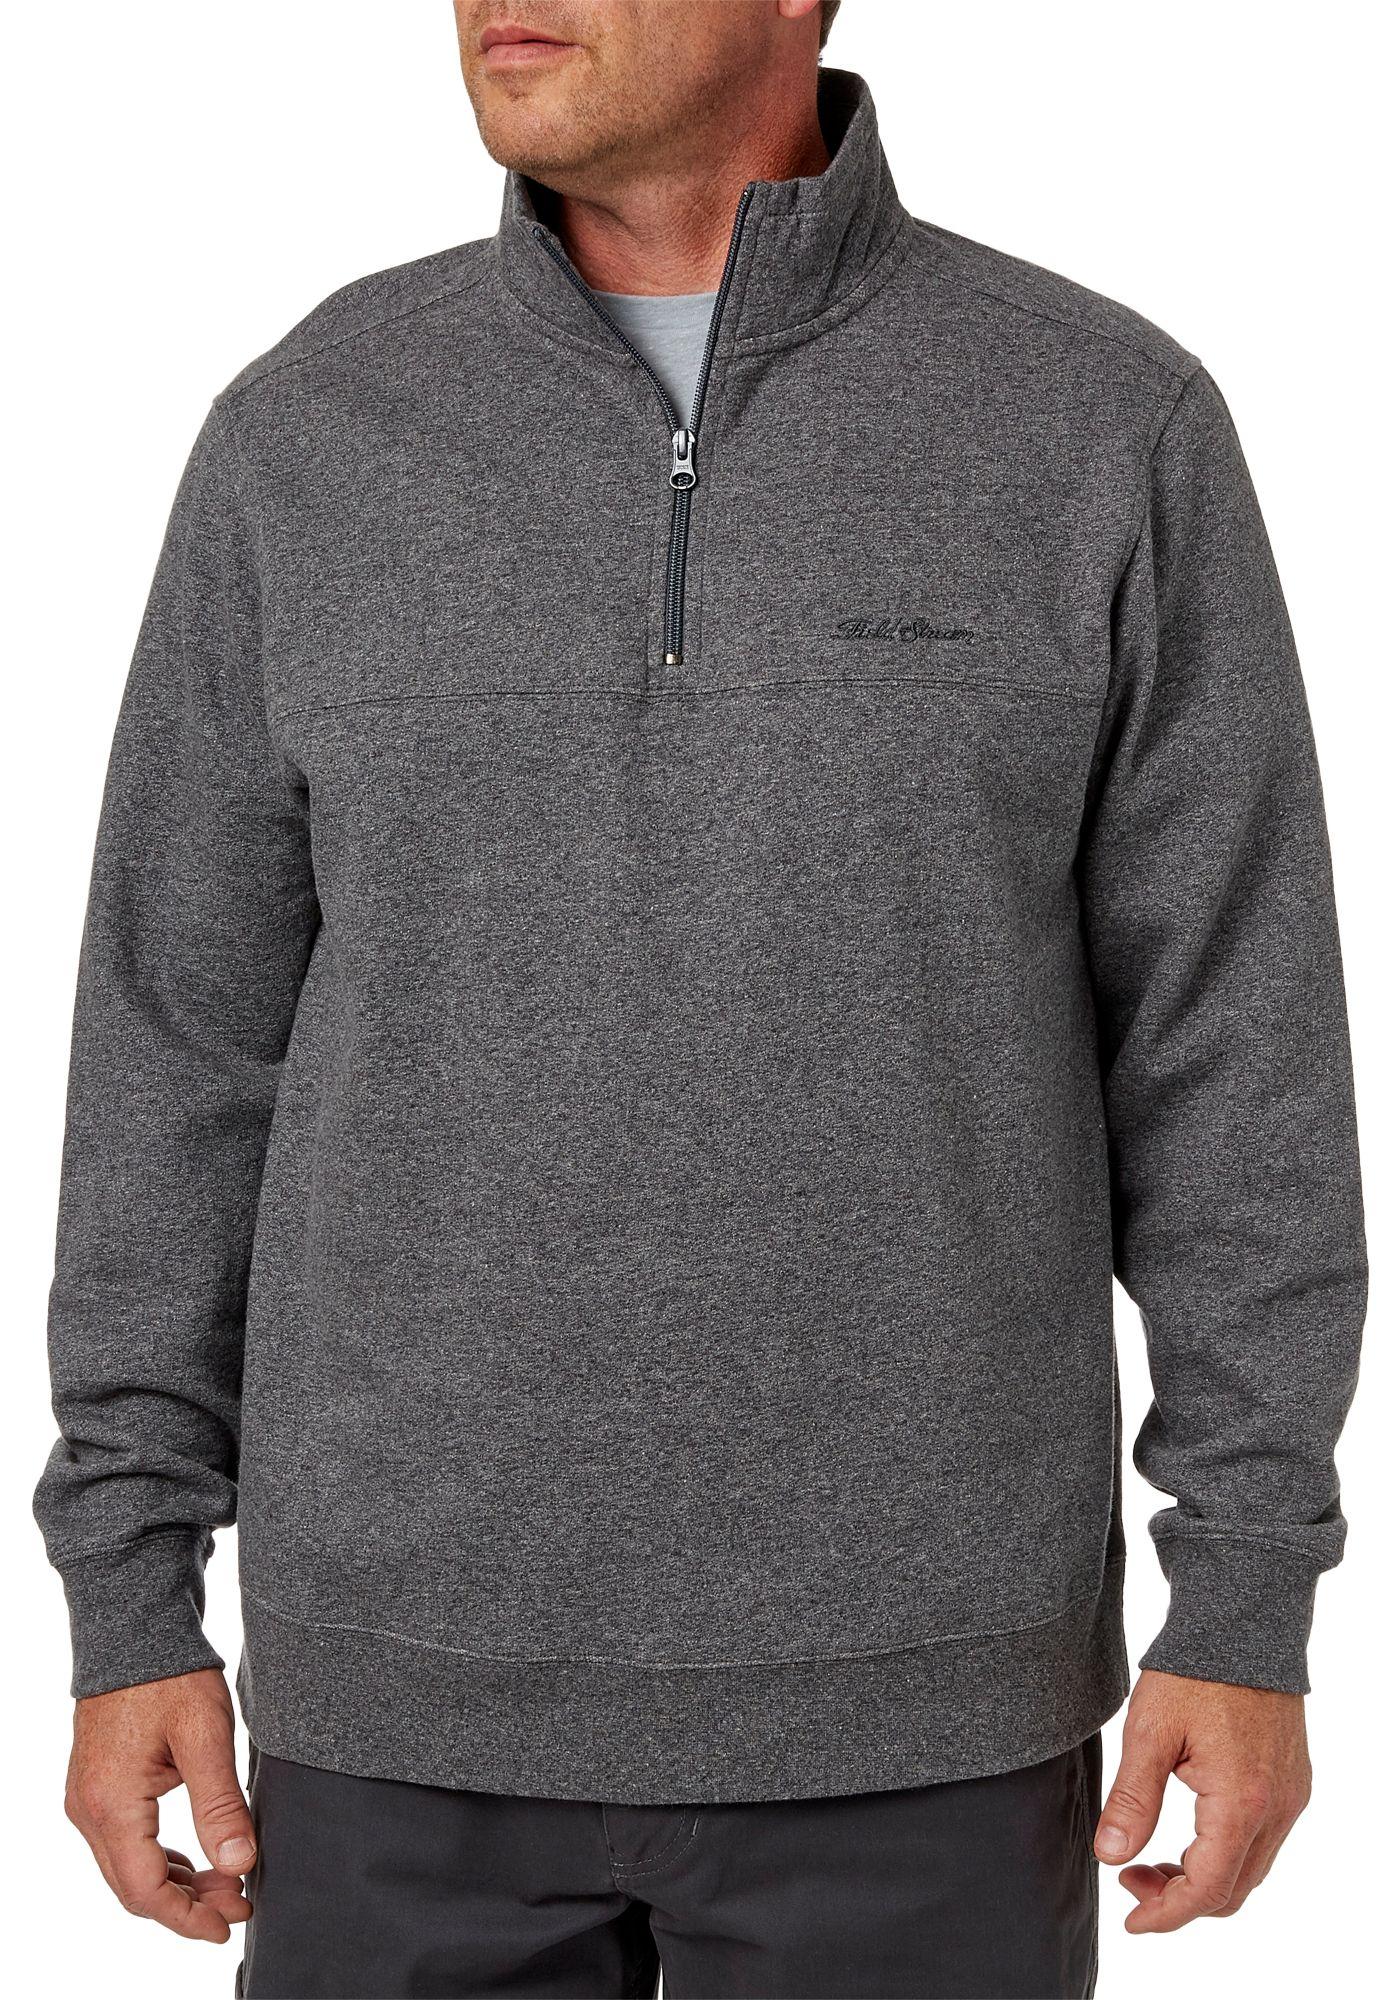 Field & Stream Men's Quarter-Zip Fleece Pullover